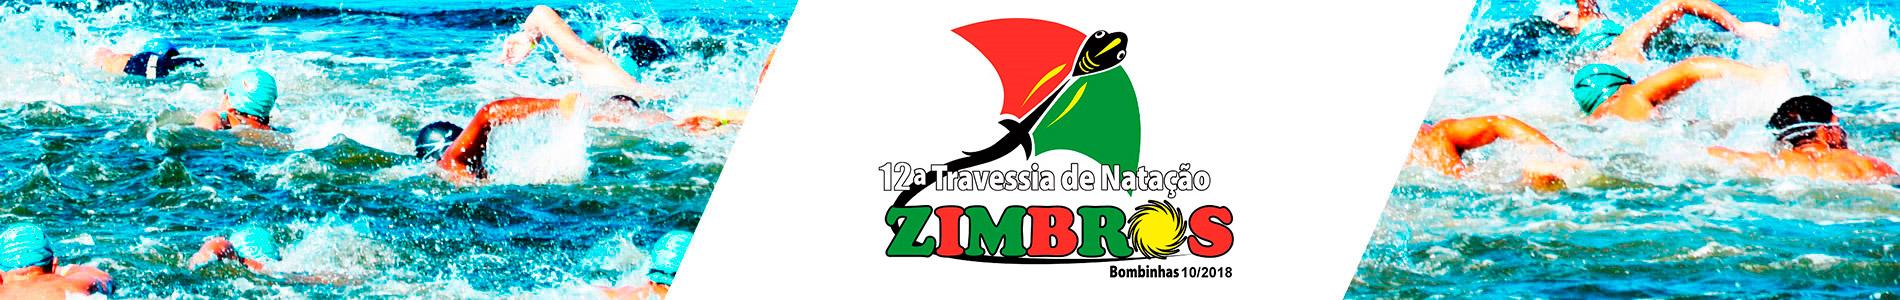 12ª TRAVESSIA DE ZIMBROS - 3.000m, 1.500m, 800m e 200m - Imagem de topo